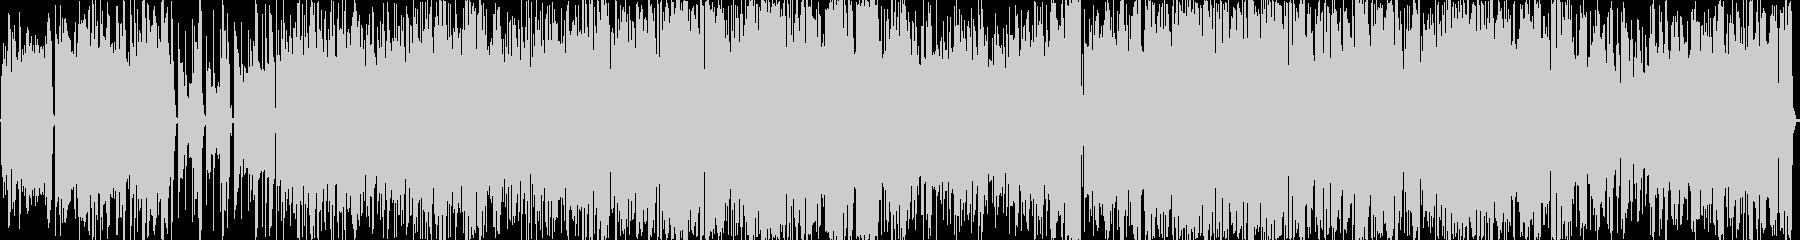 歪のベースサウンド 疾走感 BGMの未再生の波形